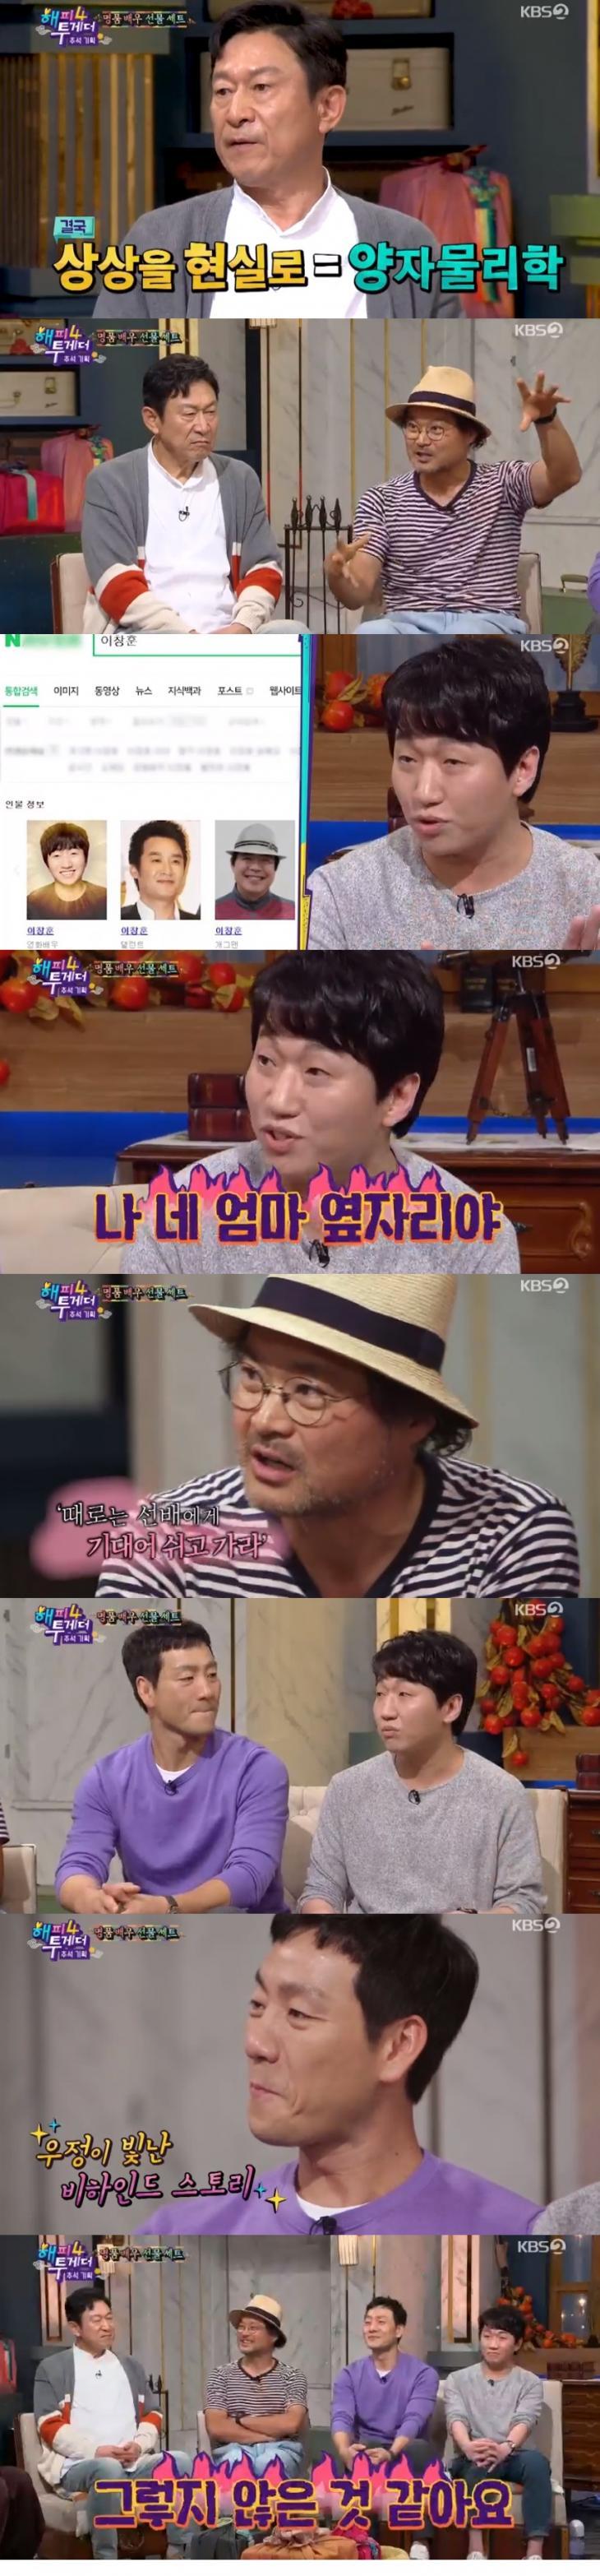 김응수·김상호·이창훈·박해수/KBS2 '해피투게더4' 캡처